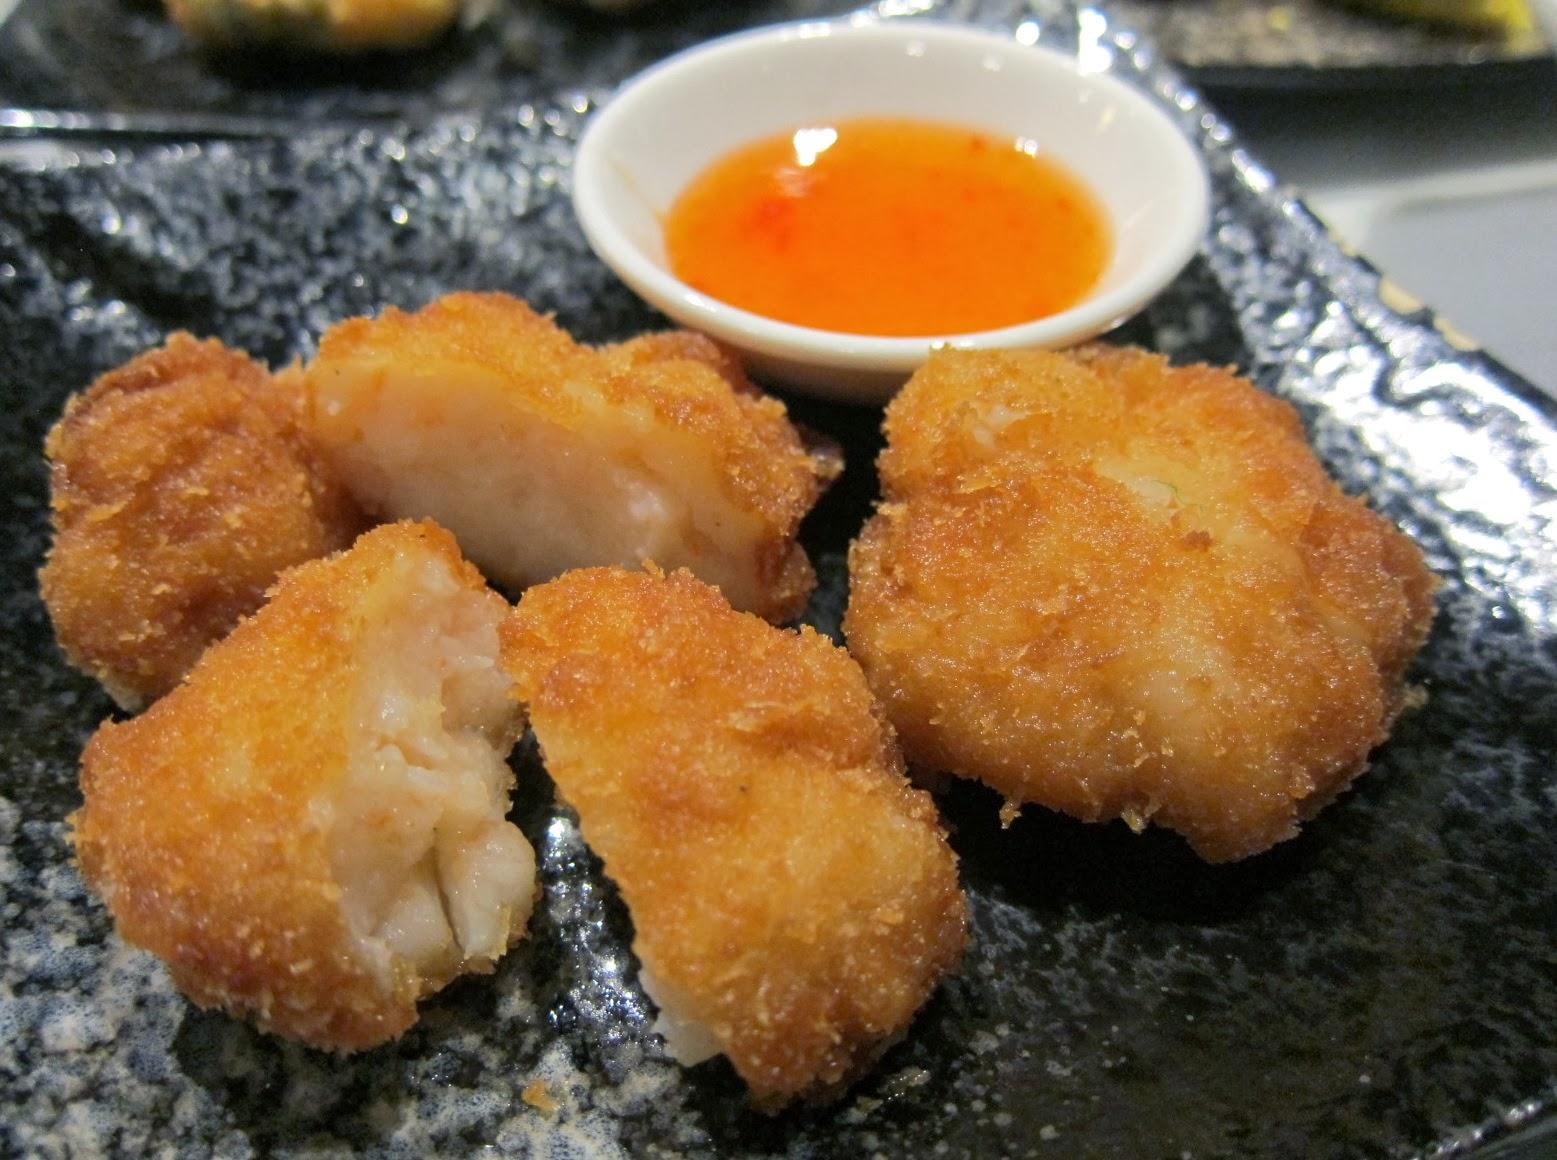 絲黛小姐 S: 【臺北 士林 / 故宮晶華 粵菜港點吃到飽】好吃的都不是主角,建築跟氣氛比菜出色